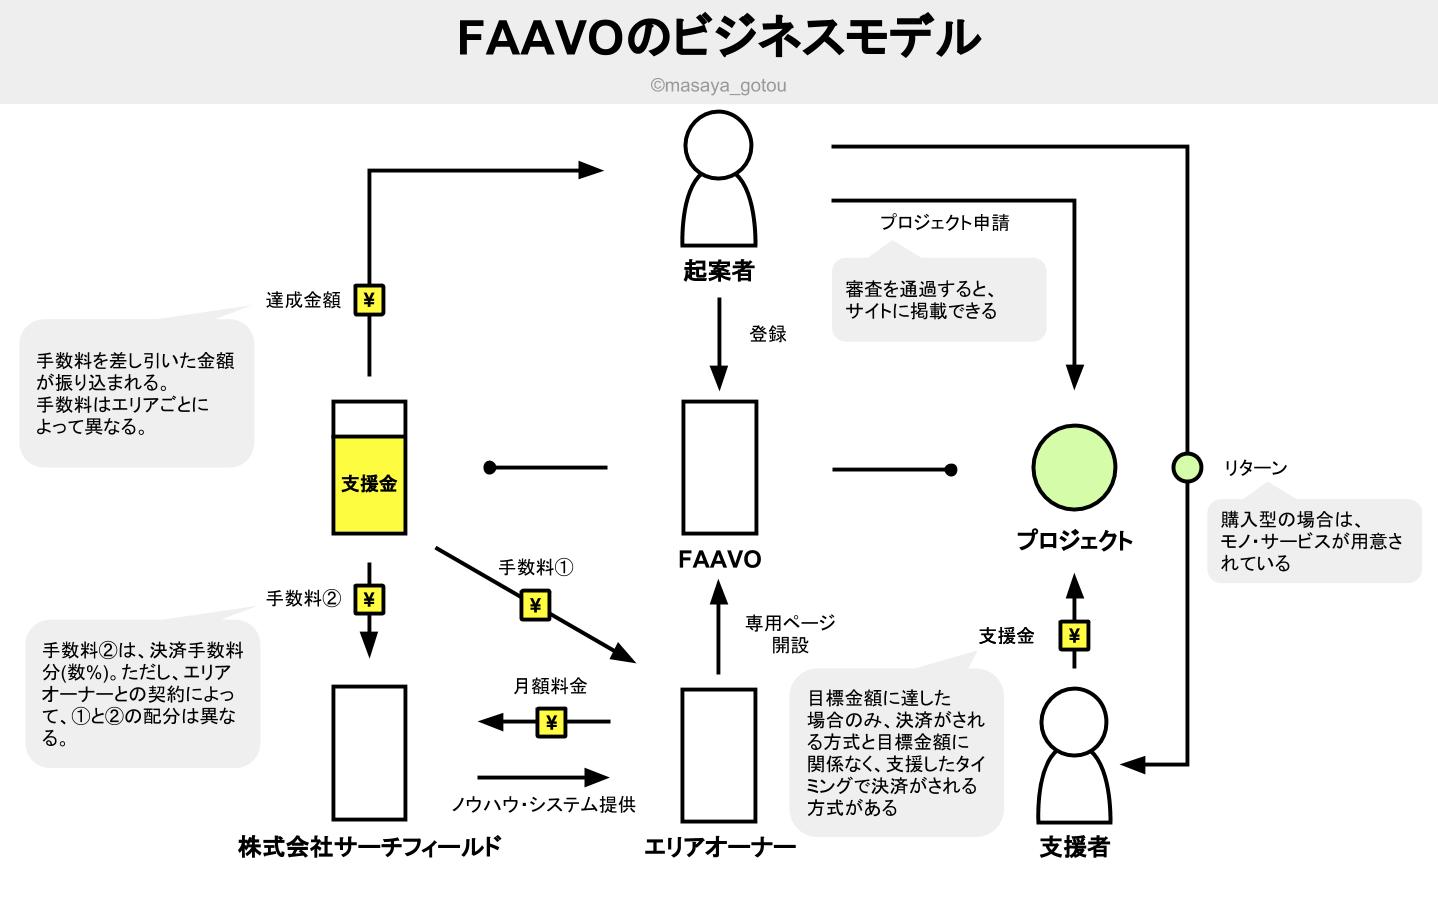 地域特化型クラウドファンディング「FAAVO by CAMPFIRE」に思うことを書き綴ってみた